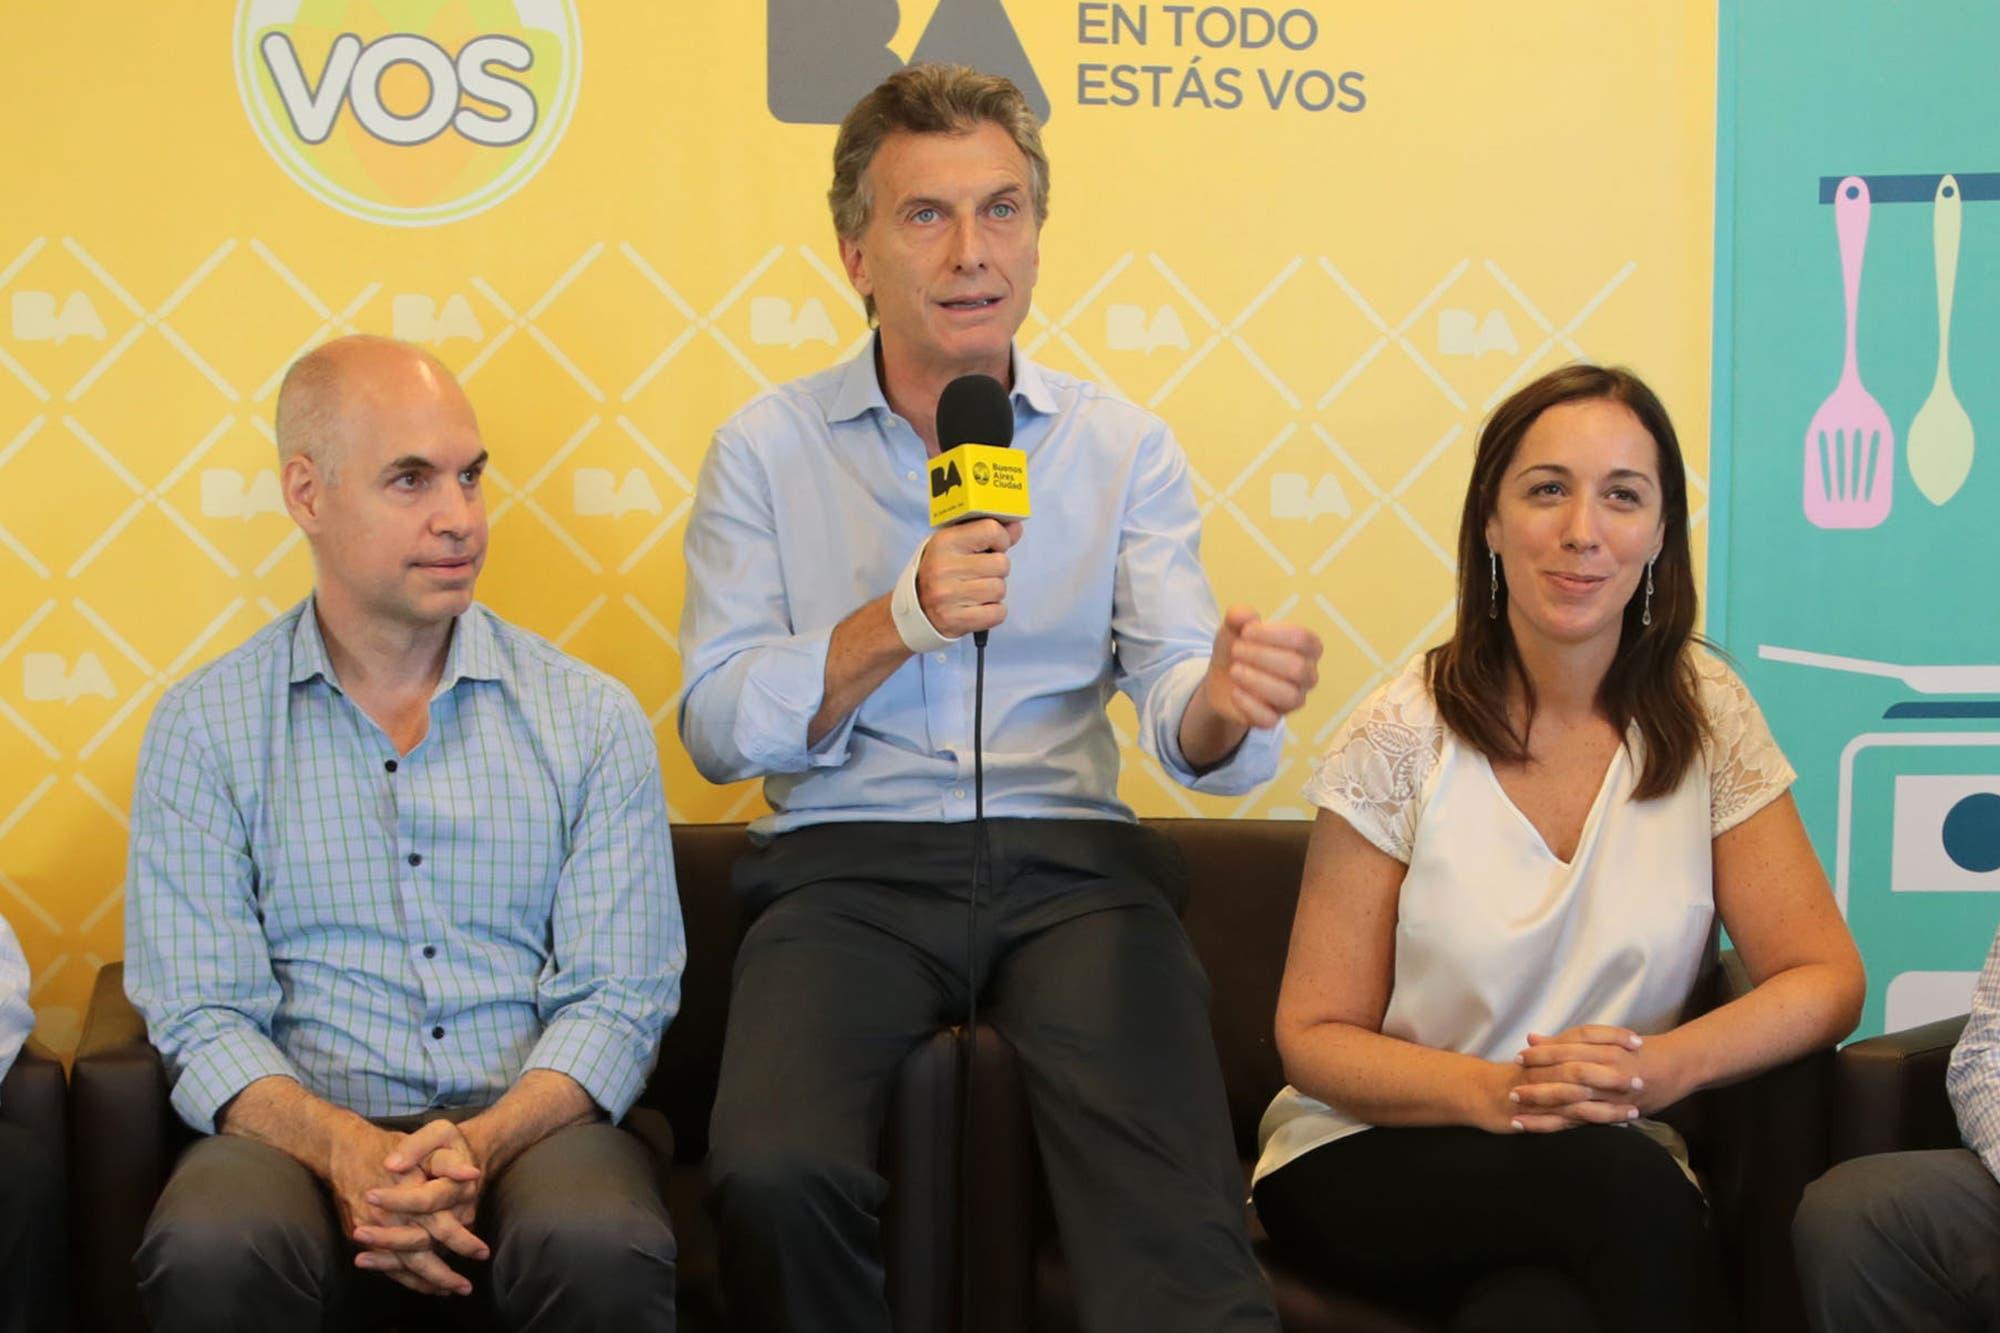 La ciudad y la provincia de Buenos Aires fueron las más beneficiadas por la coparticipación en el gobierno de Macri